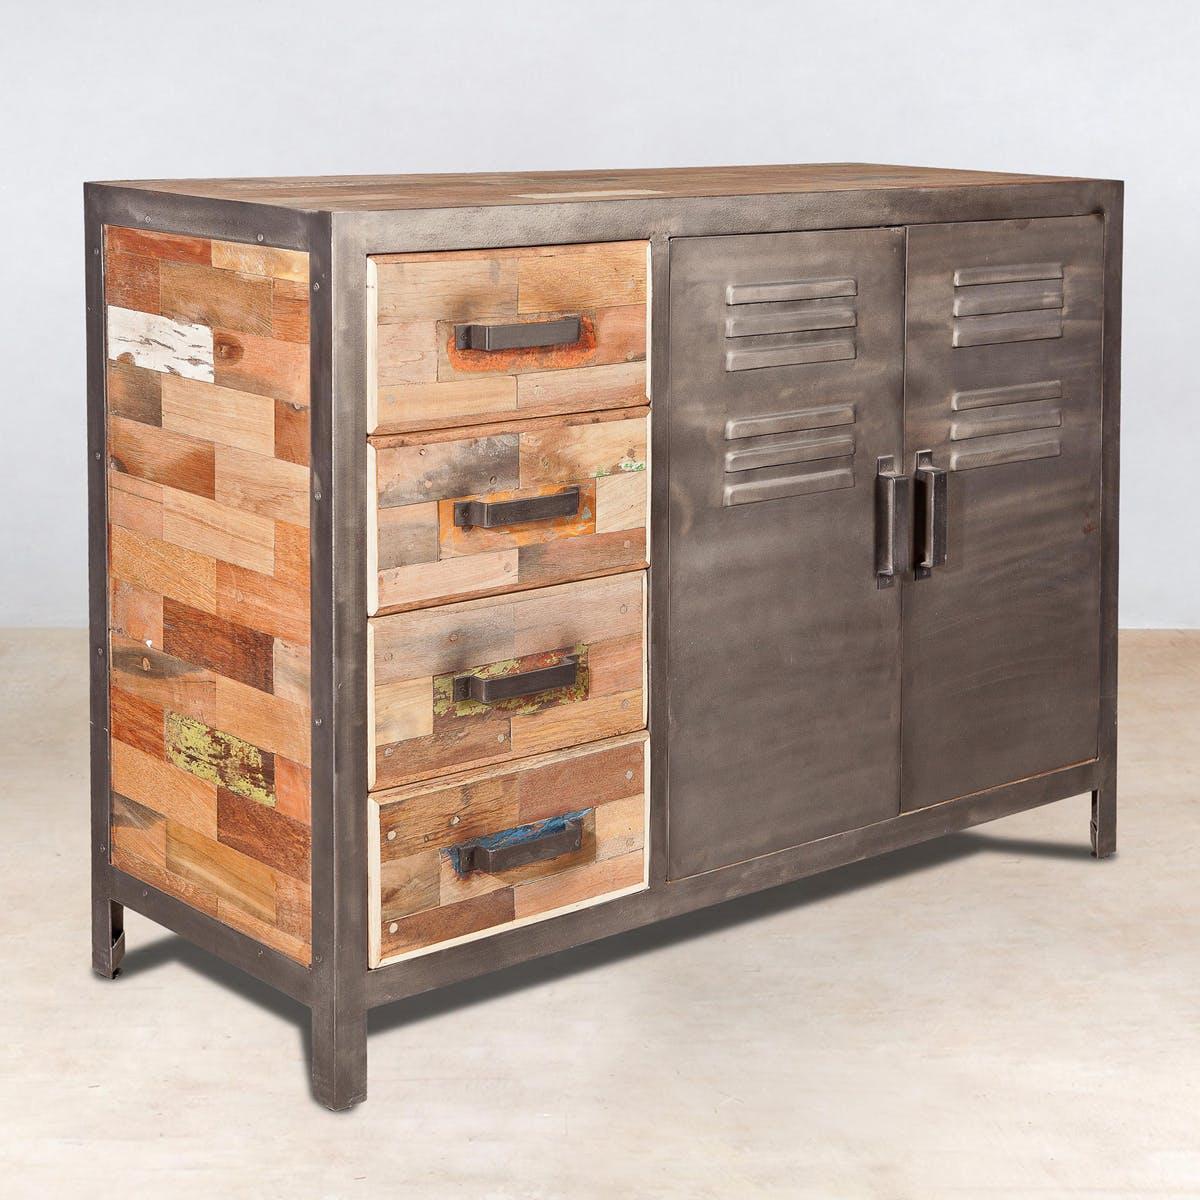 Buffet bois recyclé 4 tiroirs bois recyclé 2 portes métalliques 120x45x90cm CARAVELLE